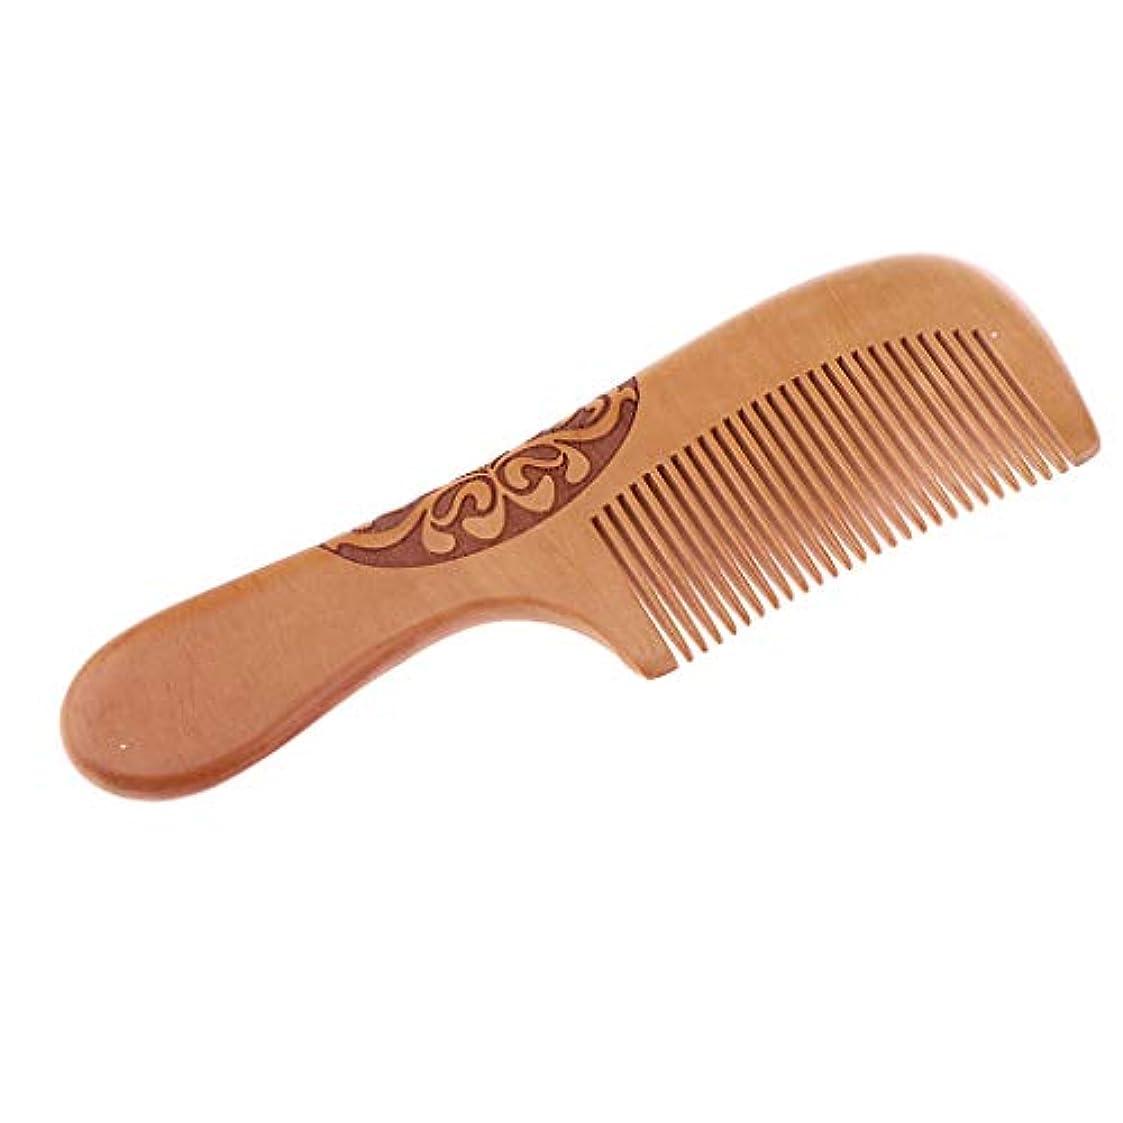 延ばすつばリーズヘアコーム 広い歯 櫛 木製 美髪ケア 頭皮マッサージ 4タイプ選べ - H